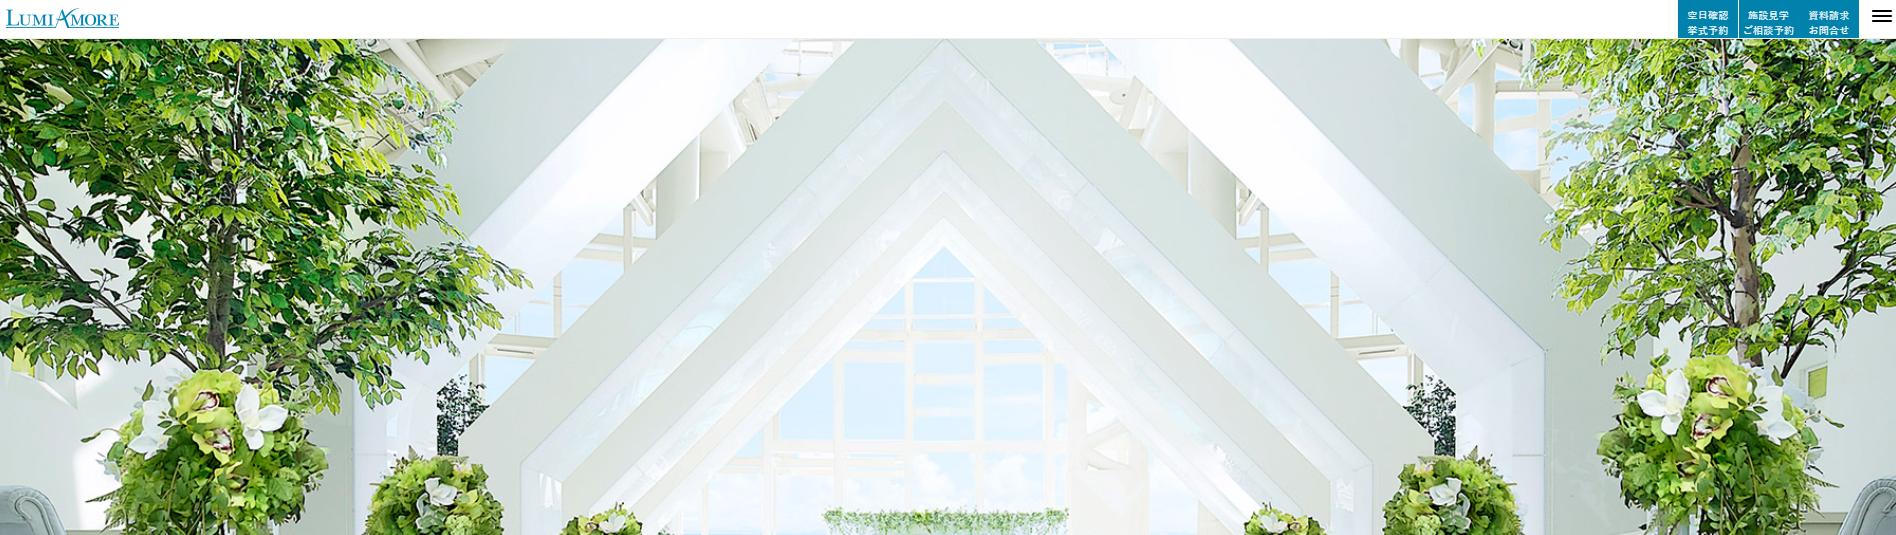 浜松町 結婚式場 ルミモーレ